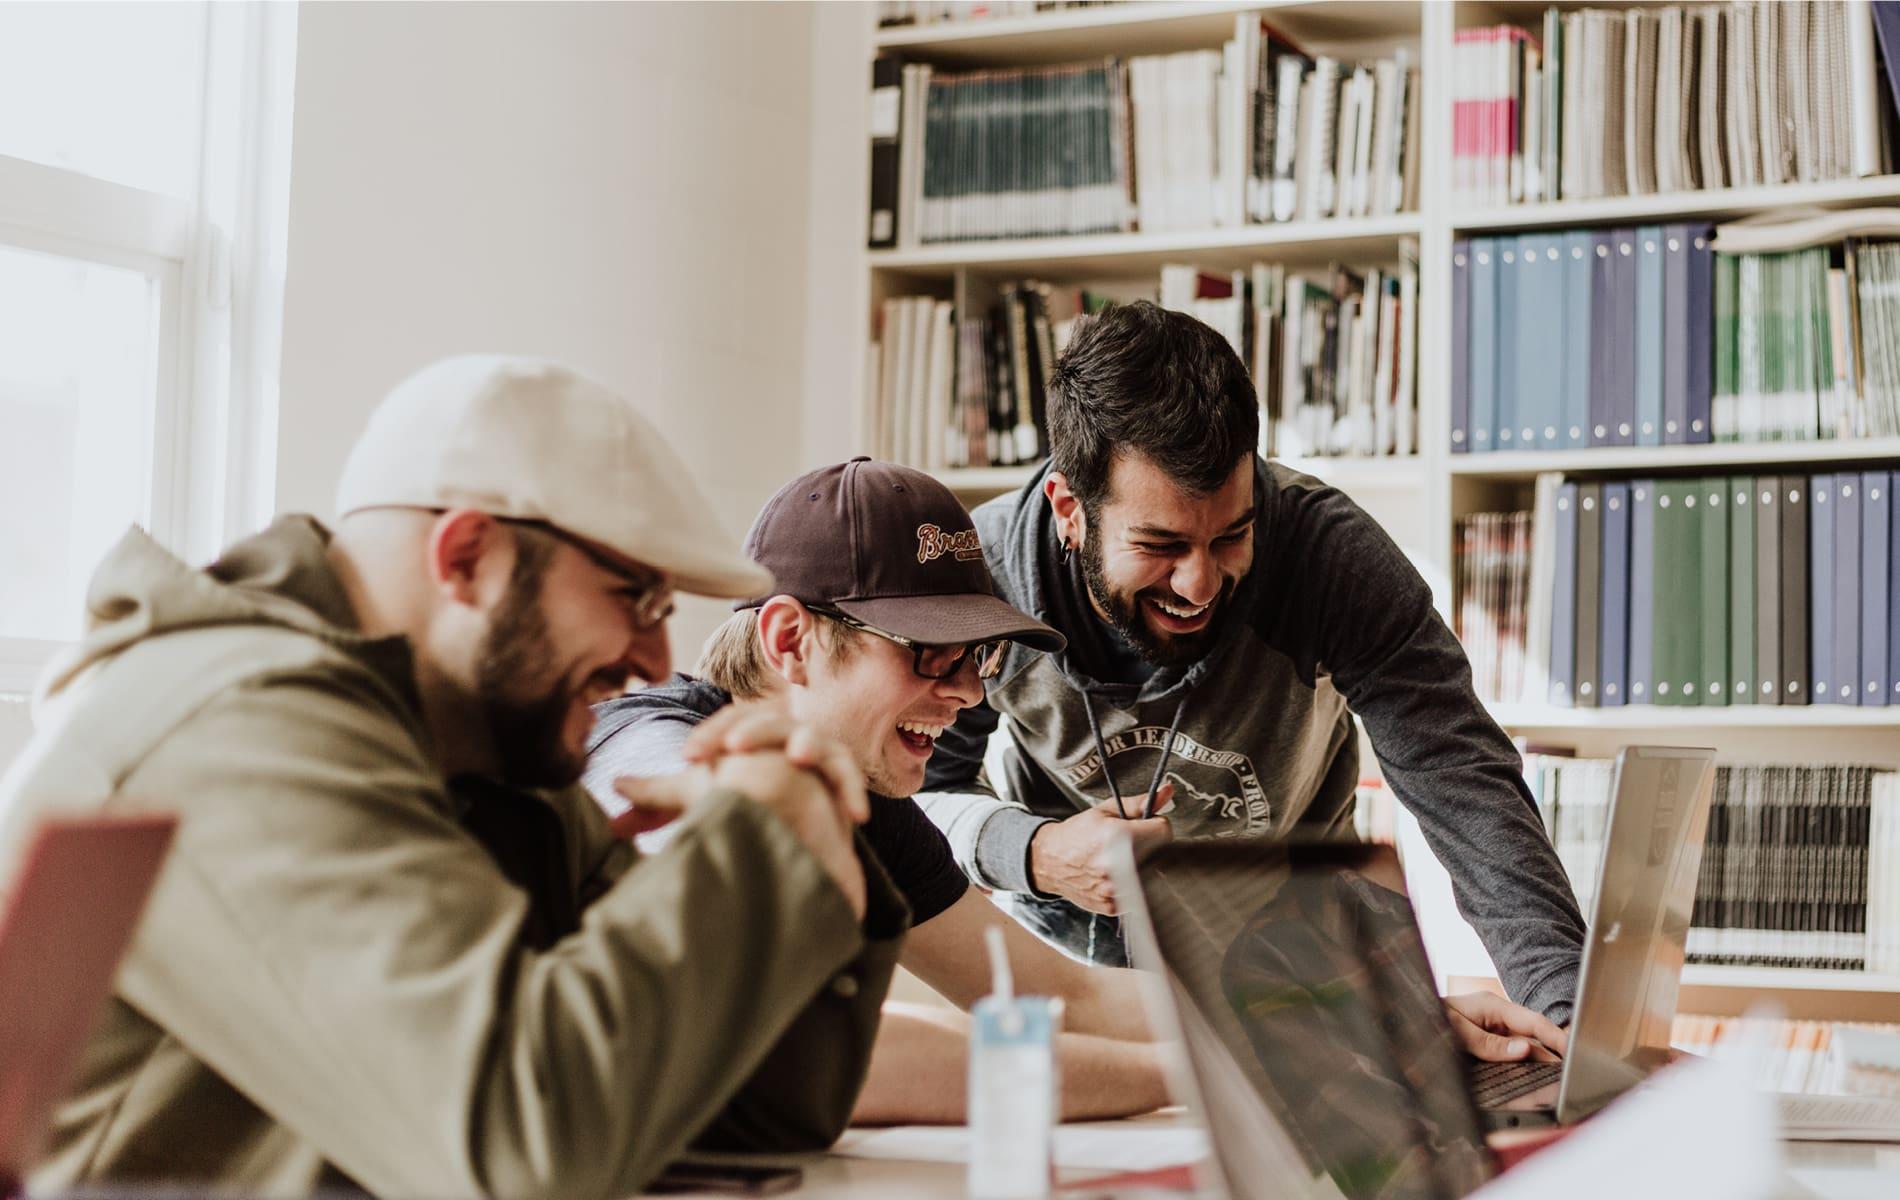 Drei Männer schauen lachend auf einen Laptop